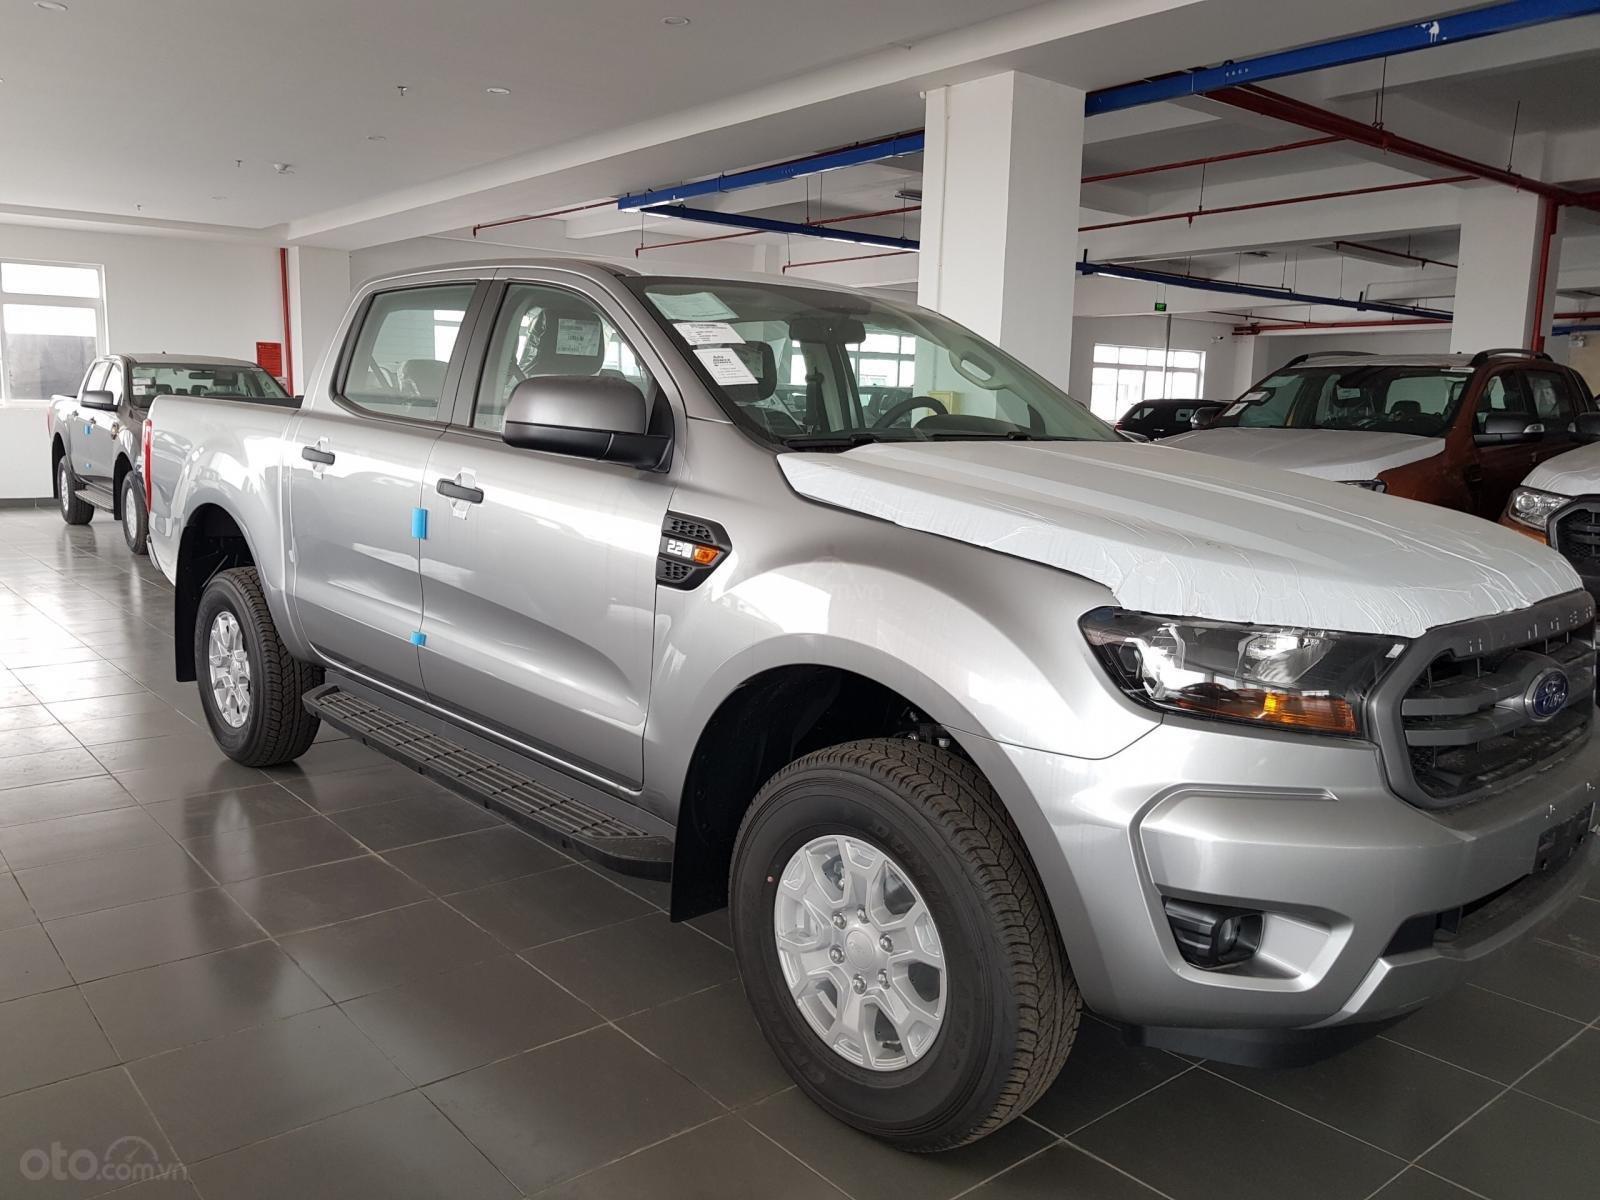 Bán Ford Ranger Ranger XLS AT đời 2019, đủ màu, giao xe tháng 10/2019 nhập khẩu nguyên chiếc, giá tốt (2)